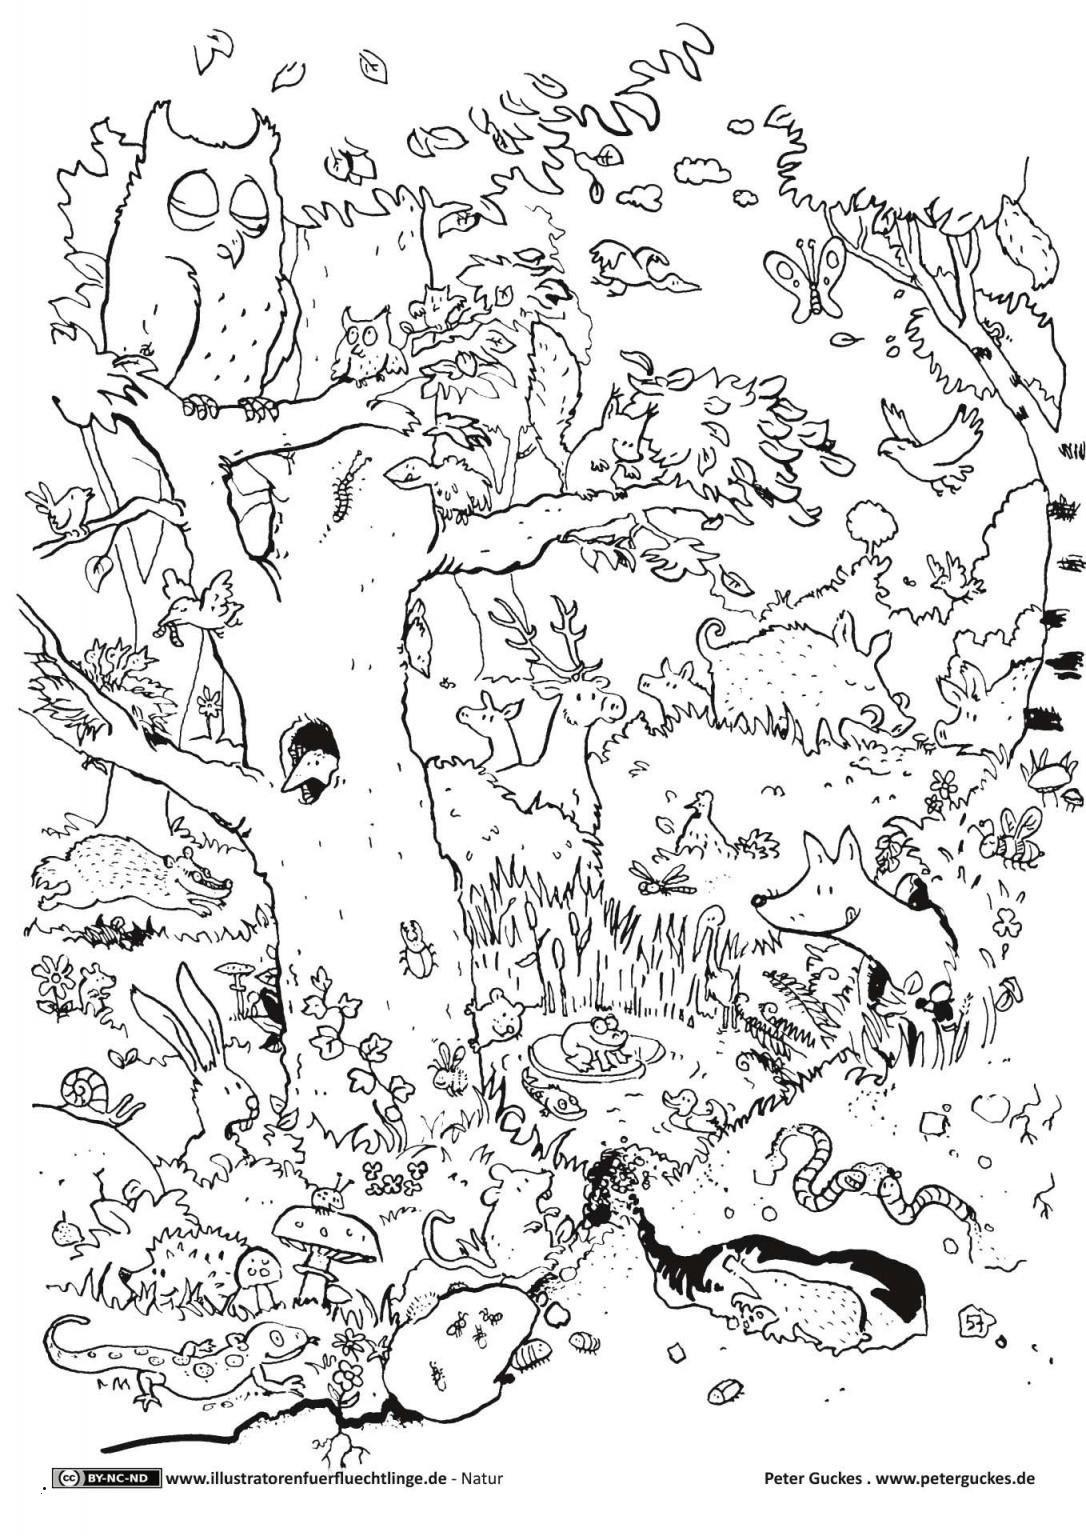 Ausmalbilder Tiere Im Wald Genial Malvorlagen Igel Best Igel Grundschule 0d Archives Uploadertalk Sammlung